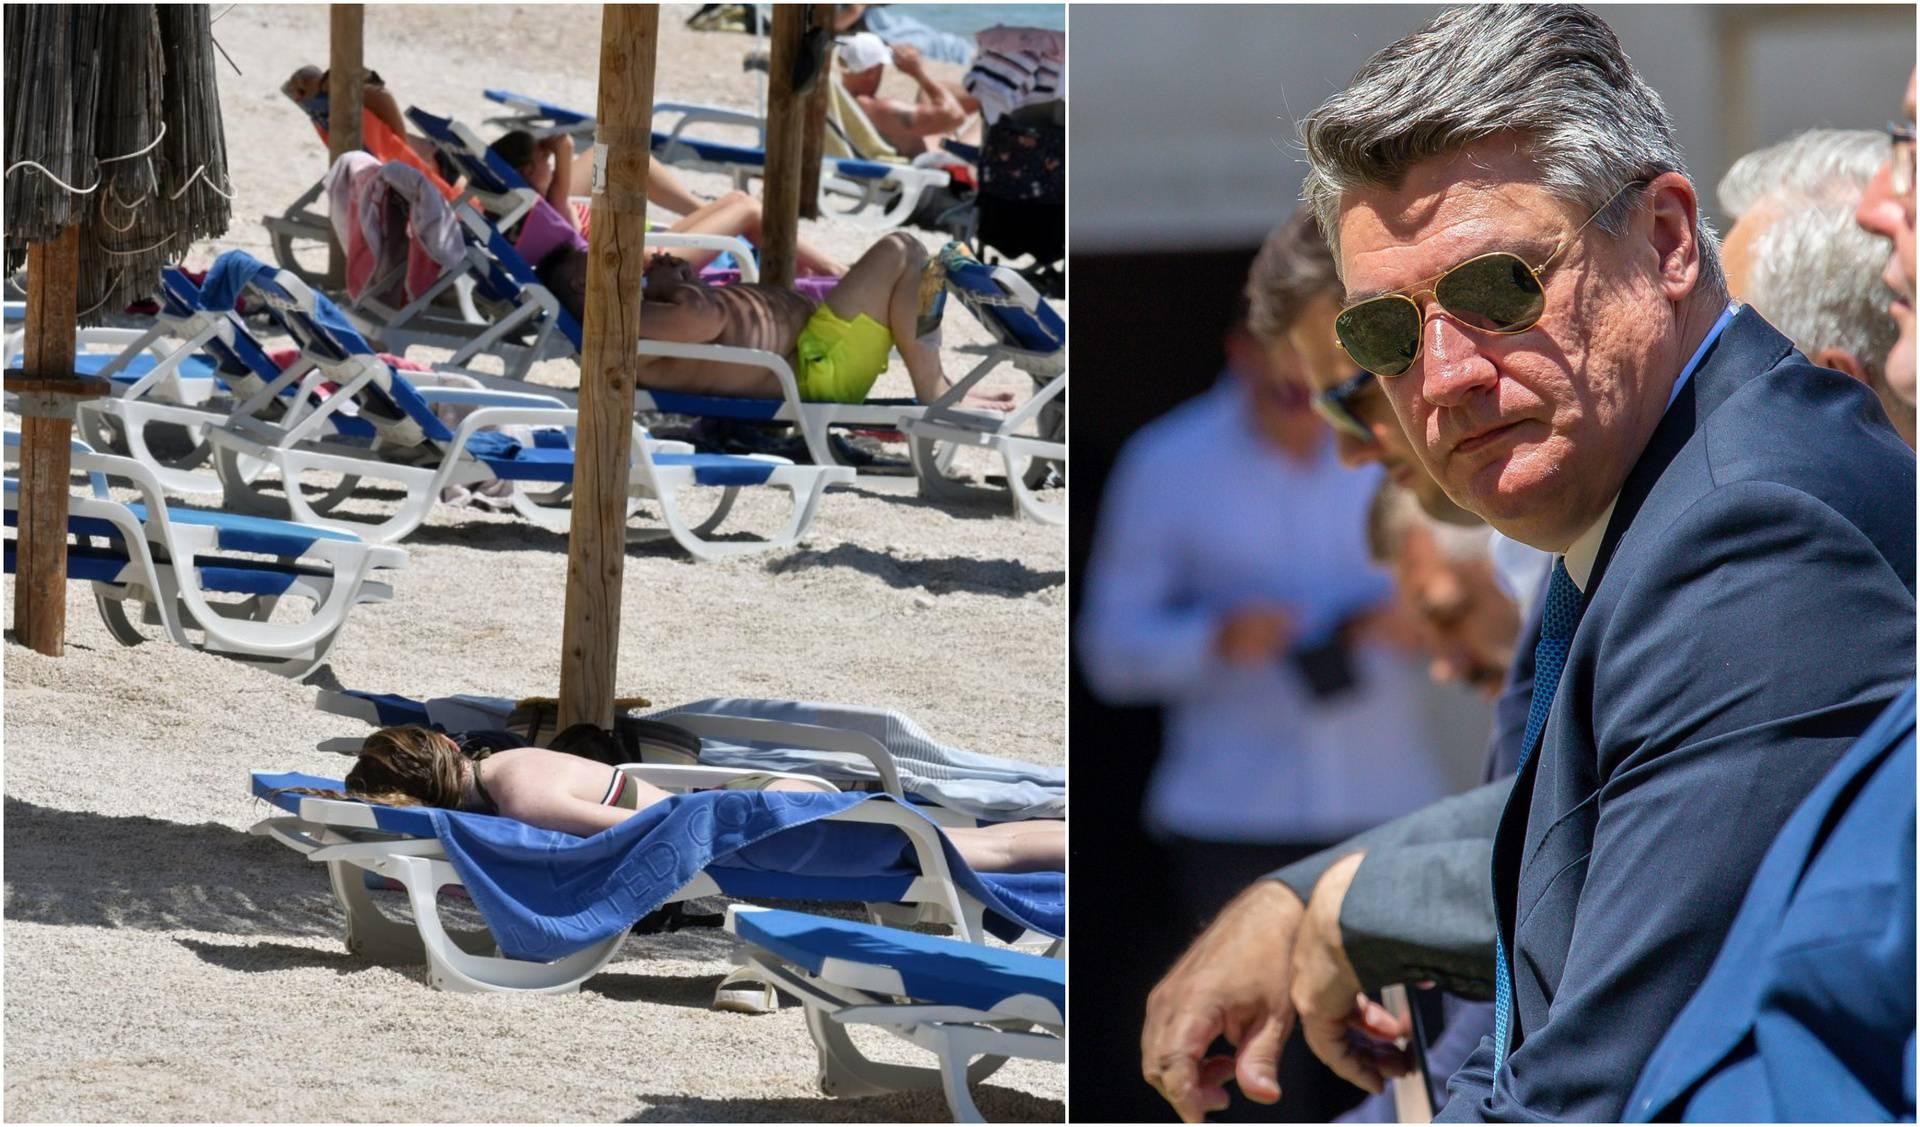 Milanović zove Austrijance na ljetovanje: 'Ljudi, čekamo vas. Sigurnije je da ne može biti'